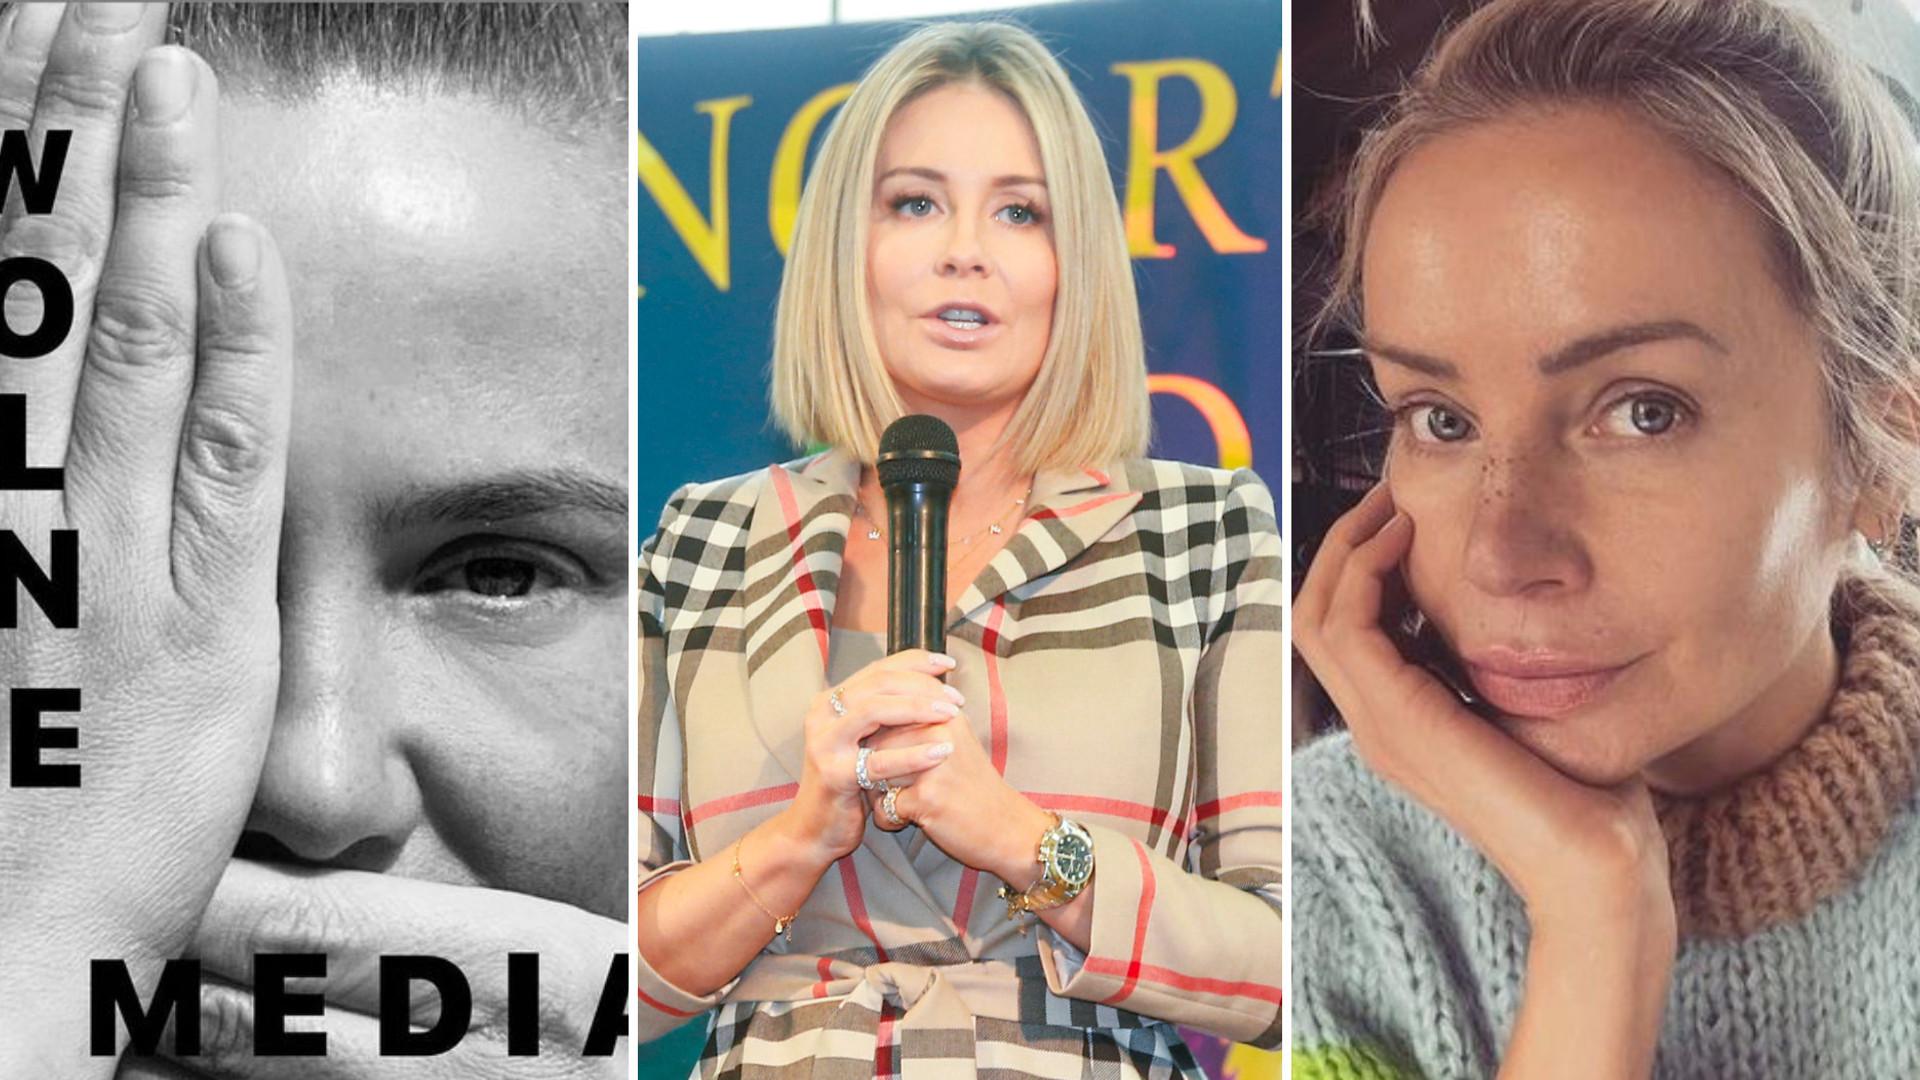 """Gwiazdy wsparły strajk """"Media bez wyboru"""". Padły mocne słowa"""